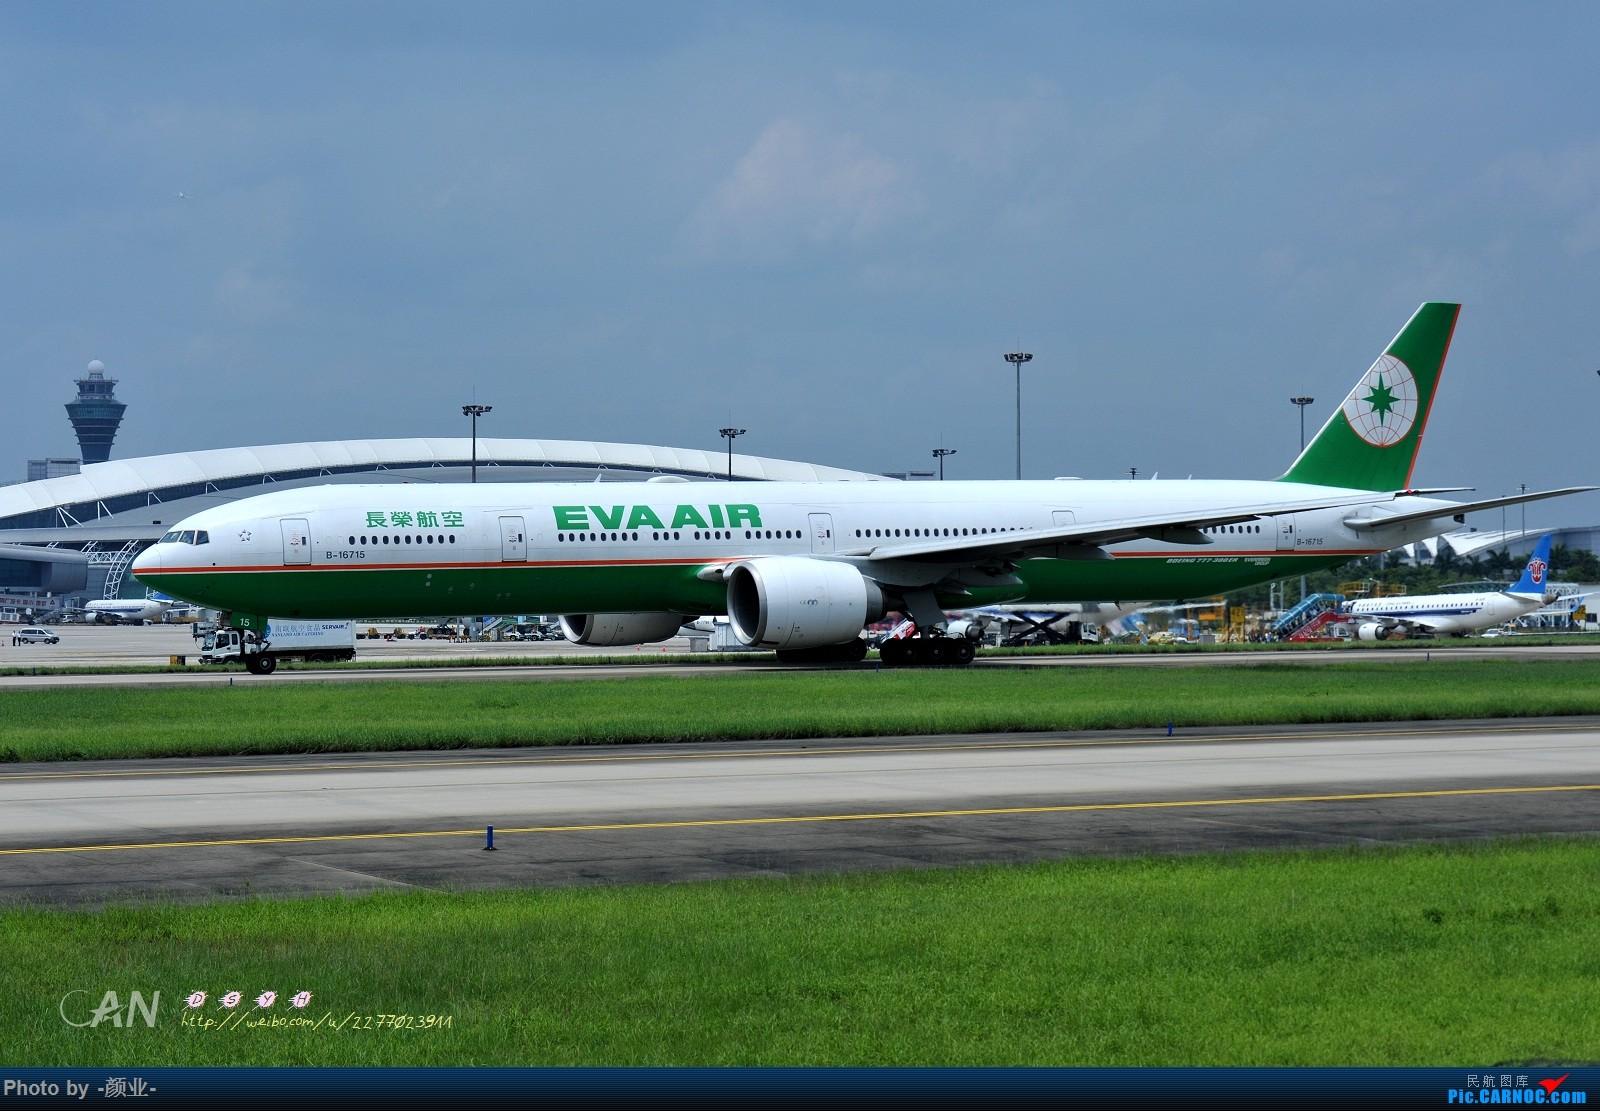 Re:[原创]ZGGG(广州CAN)的波音777系列-继续更新 BOEING 777-300ER B-16715 中国广州白云国际机场